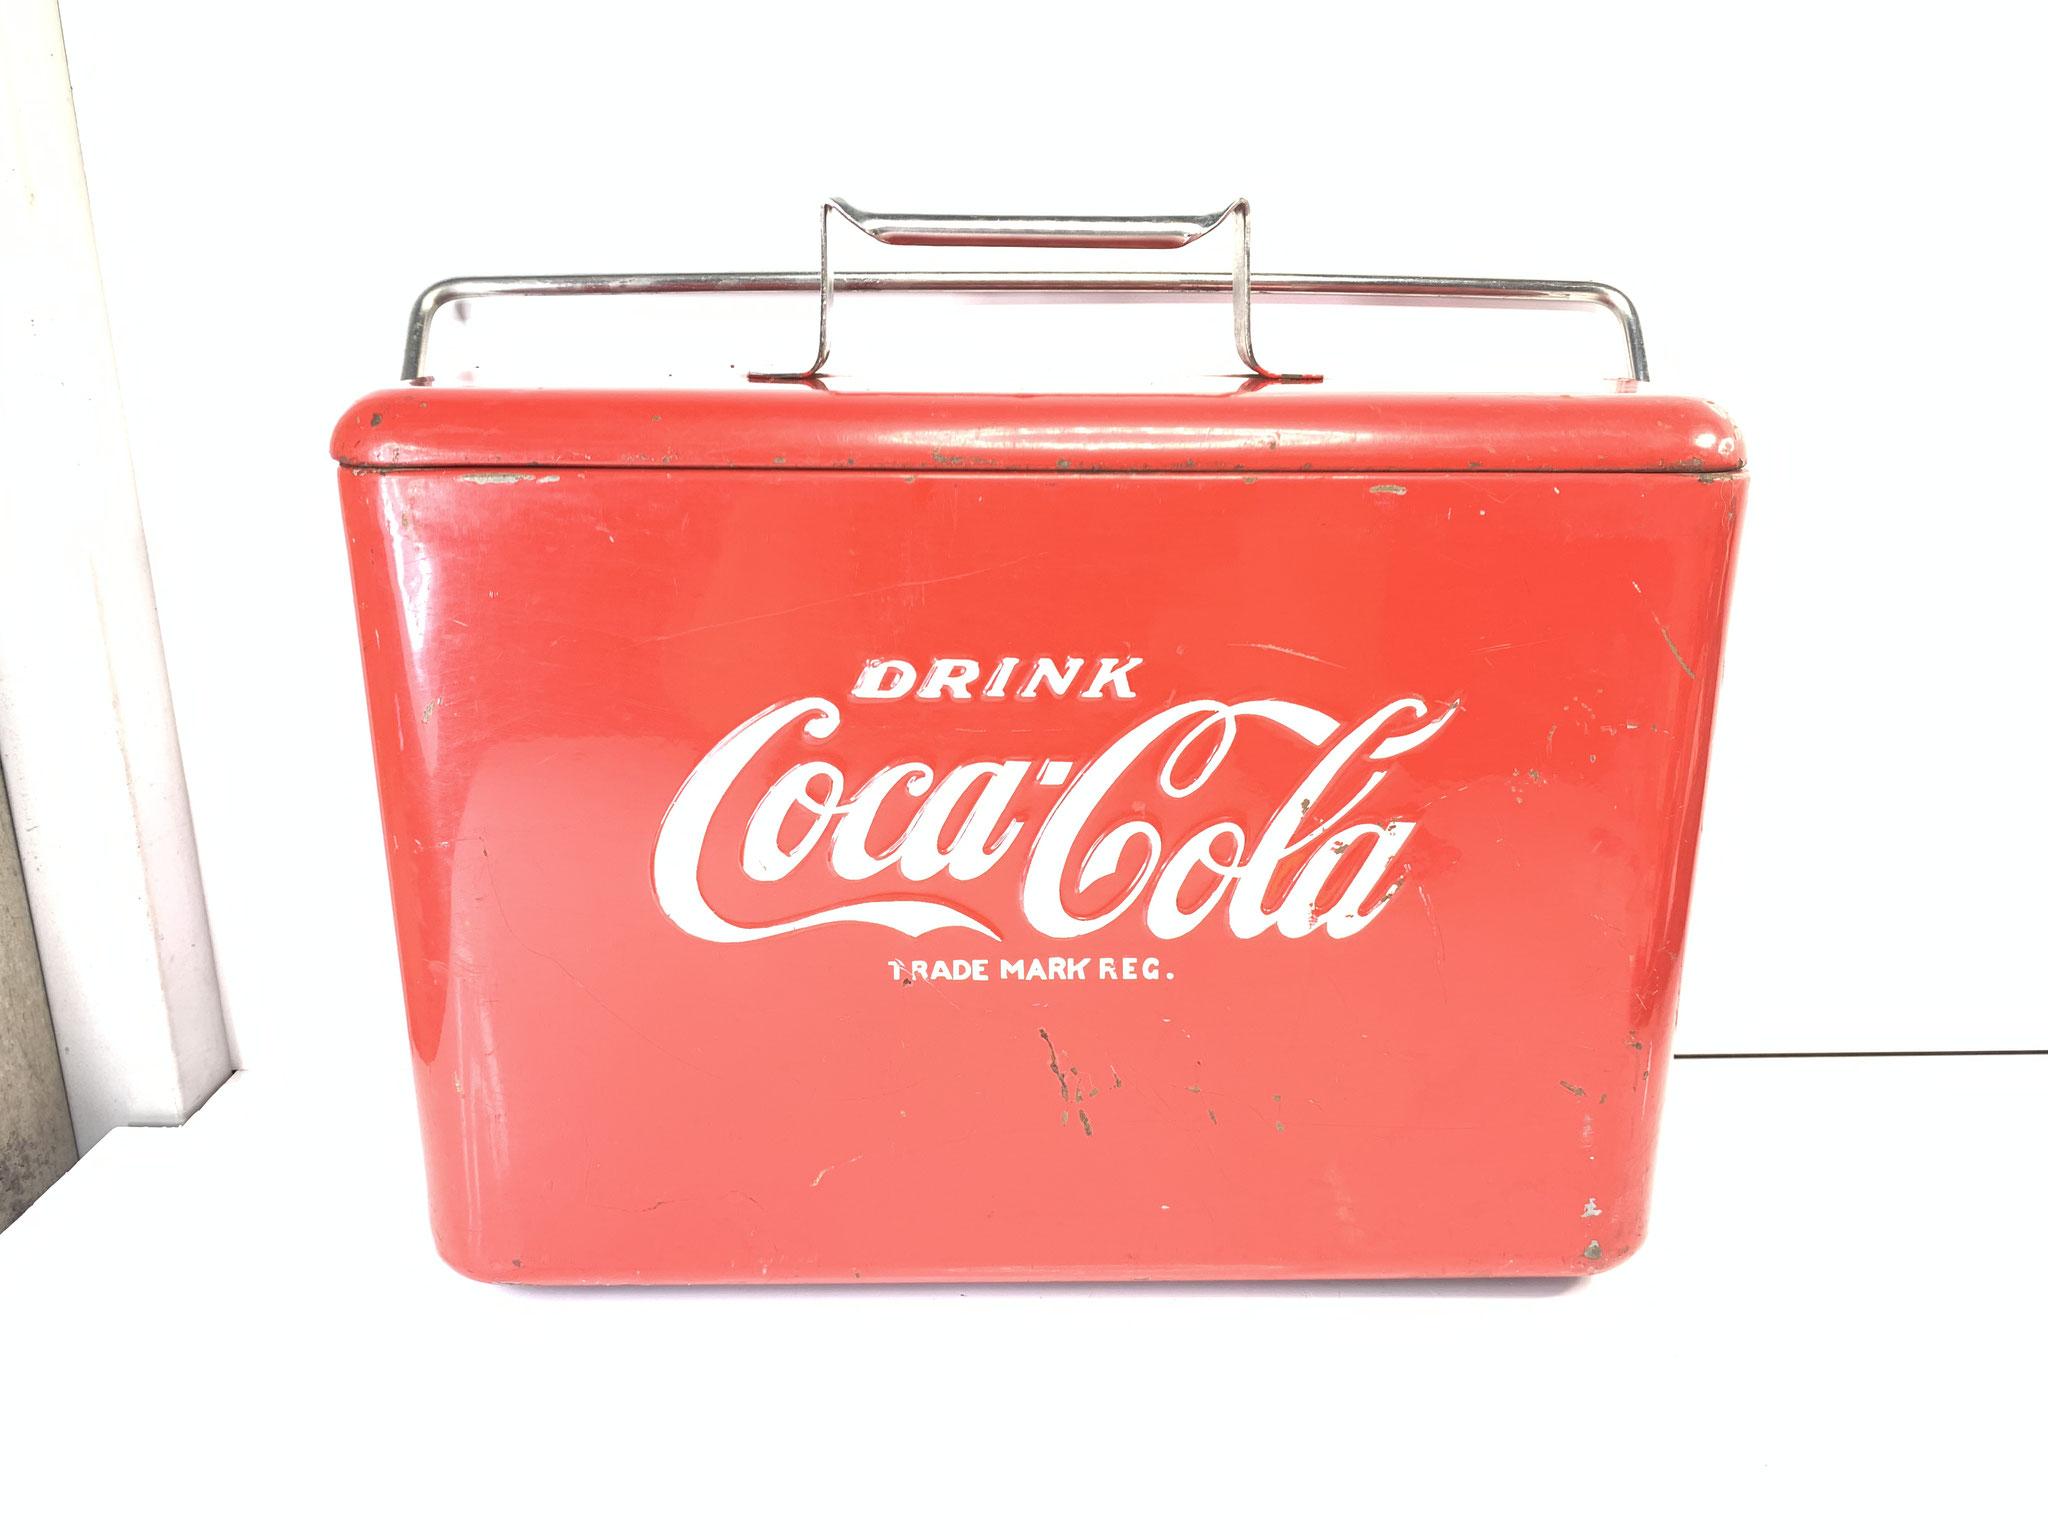 『コカコーラ クーラーボックス 』 【状態】中古当時物 【買取参考価格】¥5,000